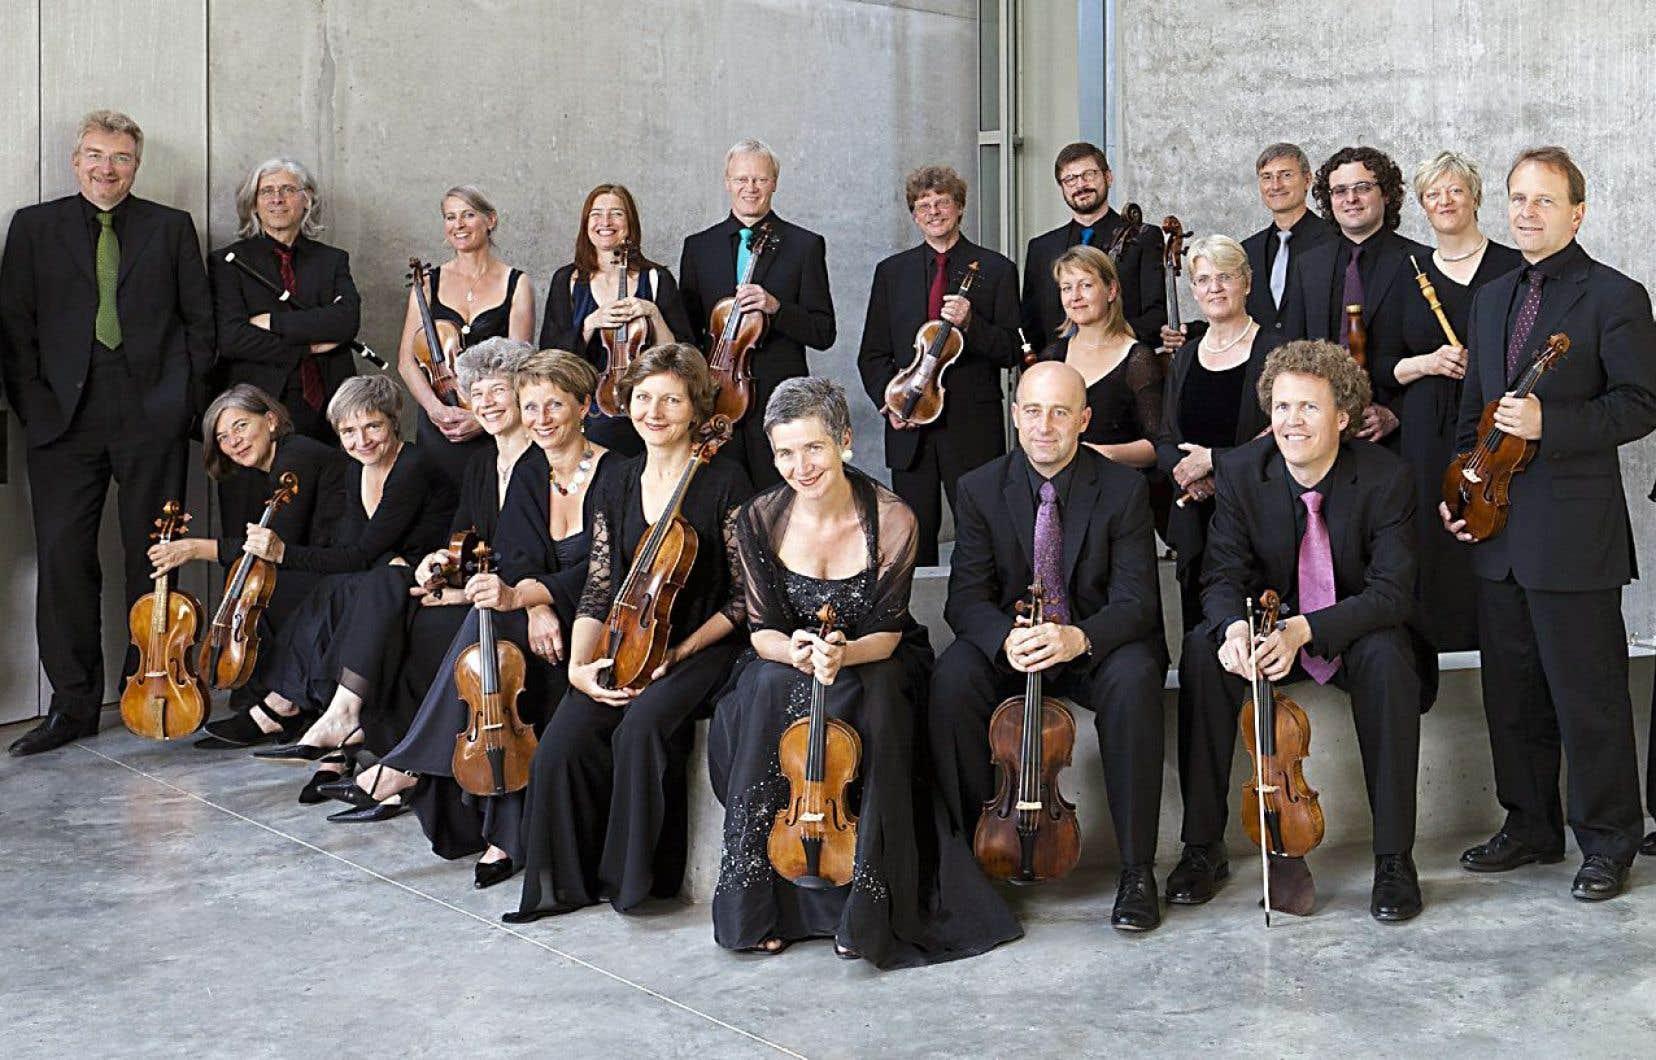 Le coup d'envoi du Festival Bach sera donné ce dimanche à la Maison symphonique, avec le célèbre Freiburger Barockorchester.